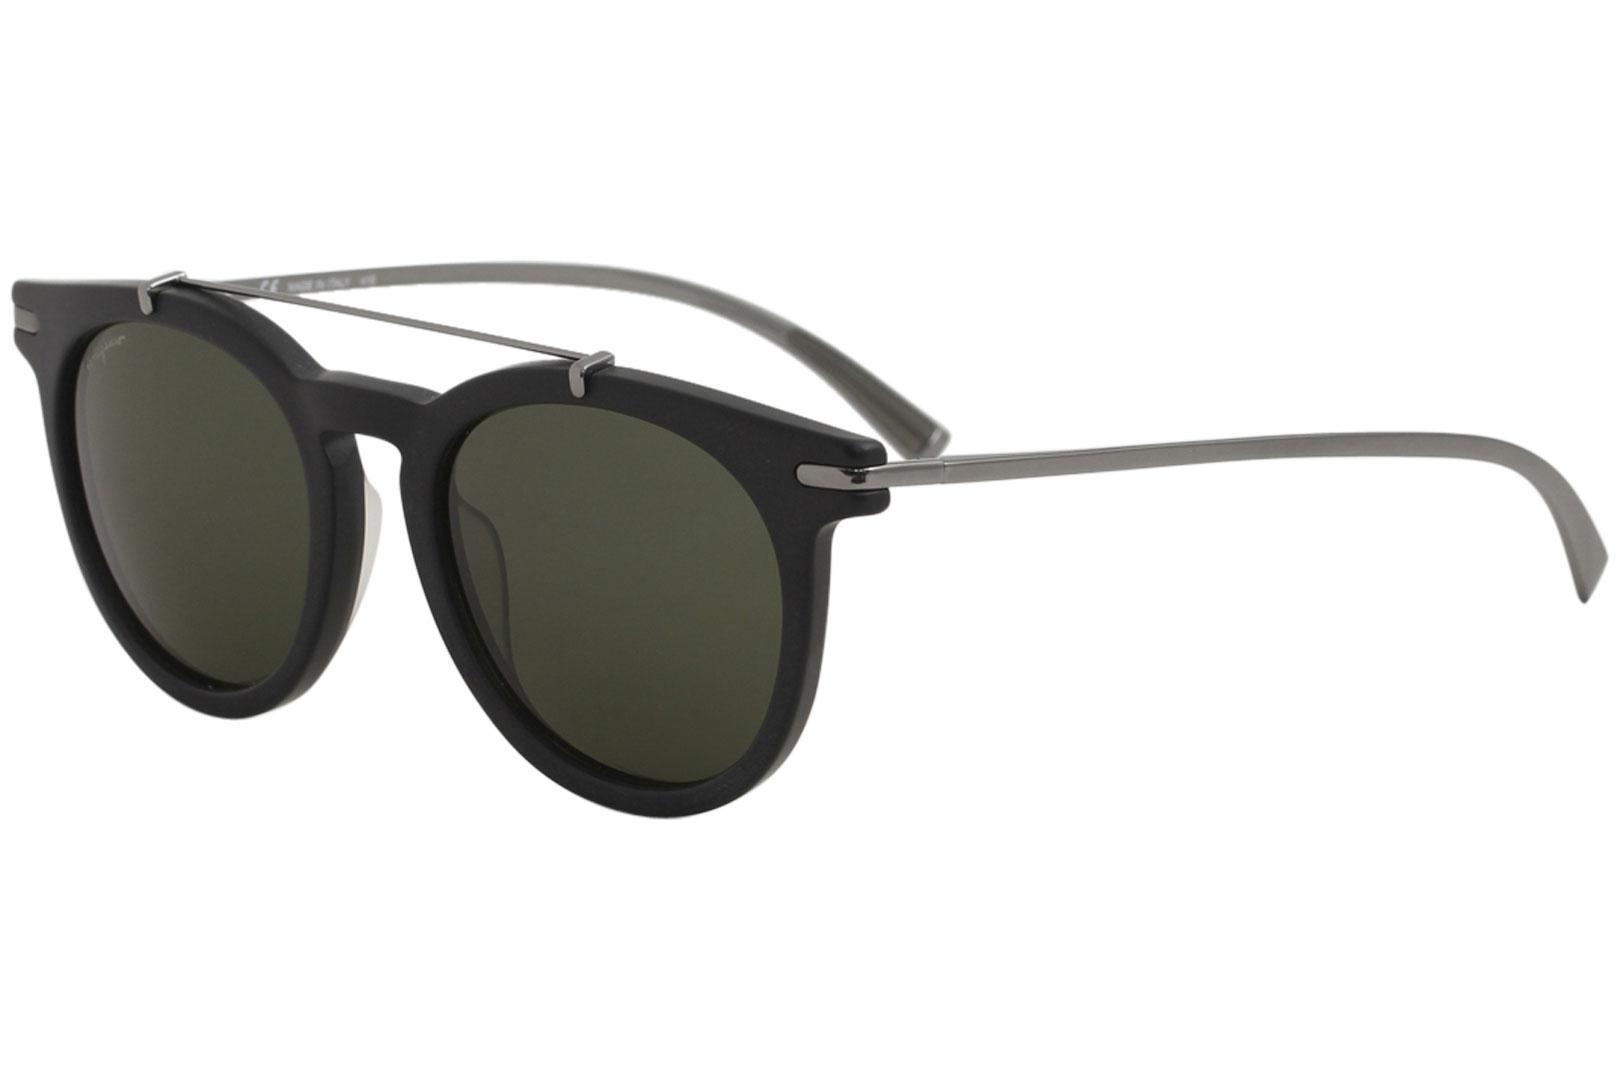 7b9a6ff8f7e Salvatore Ferragamo Women s S821S SF 821 S Fashion Round Sunglasses by Salvatore  Ferragamo